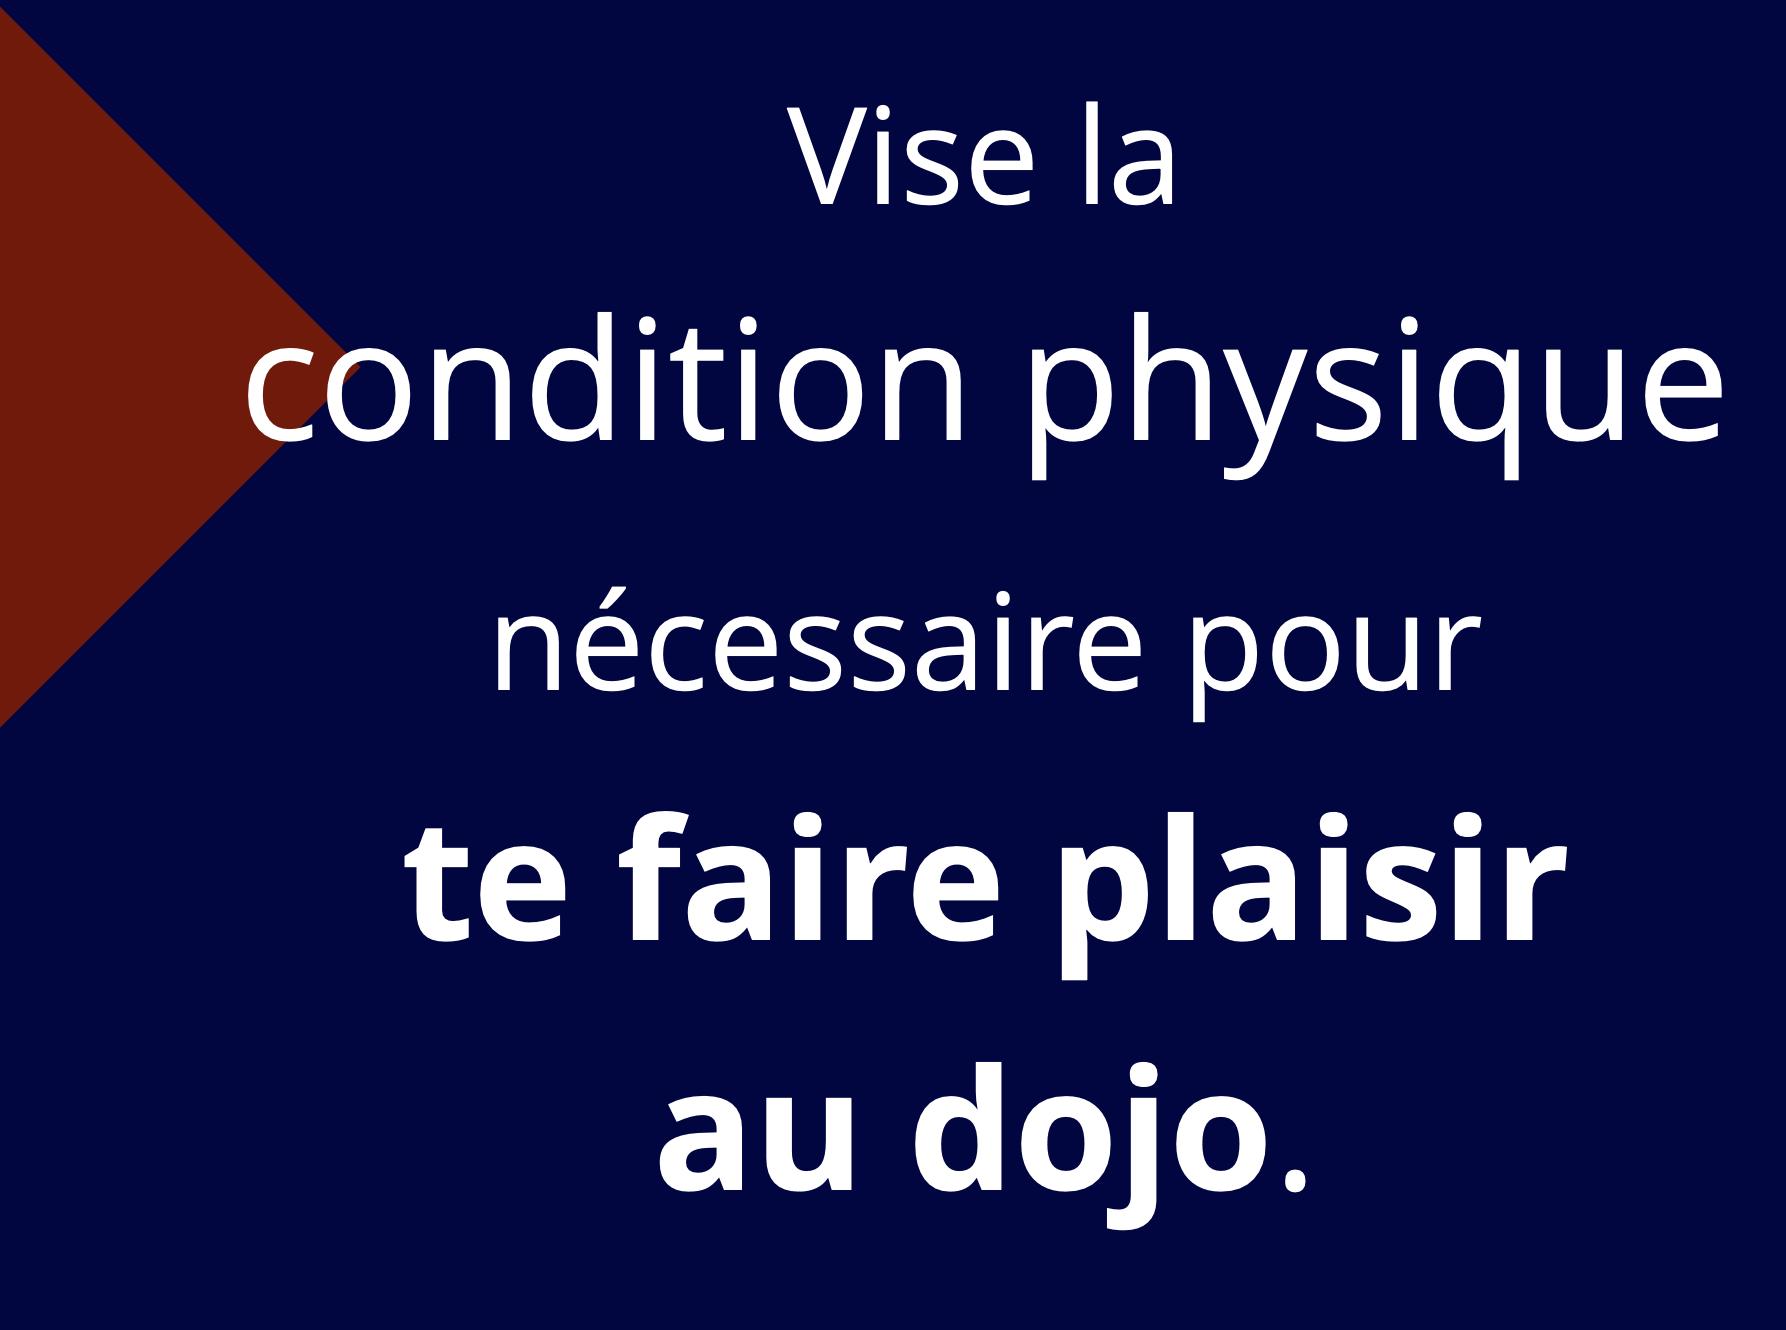 Vise la condition physique nécessaire pour te faire plaisir au dojo